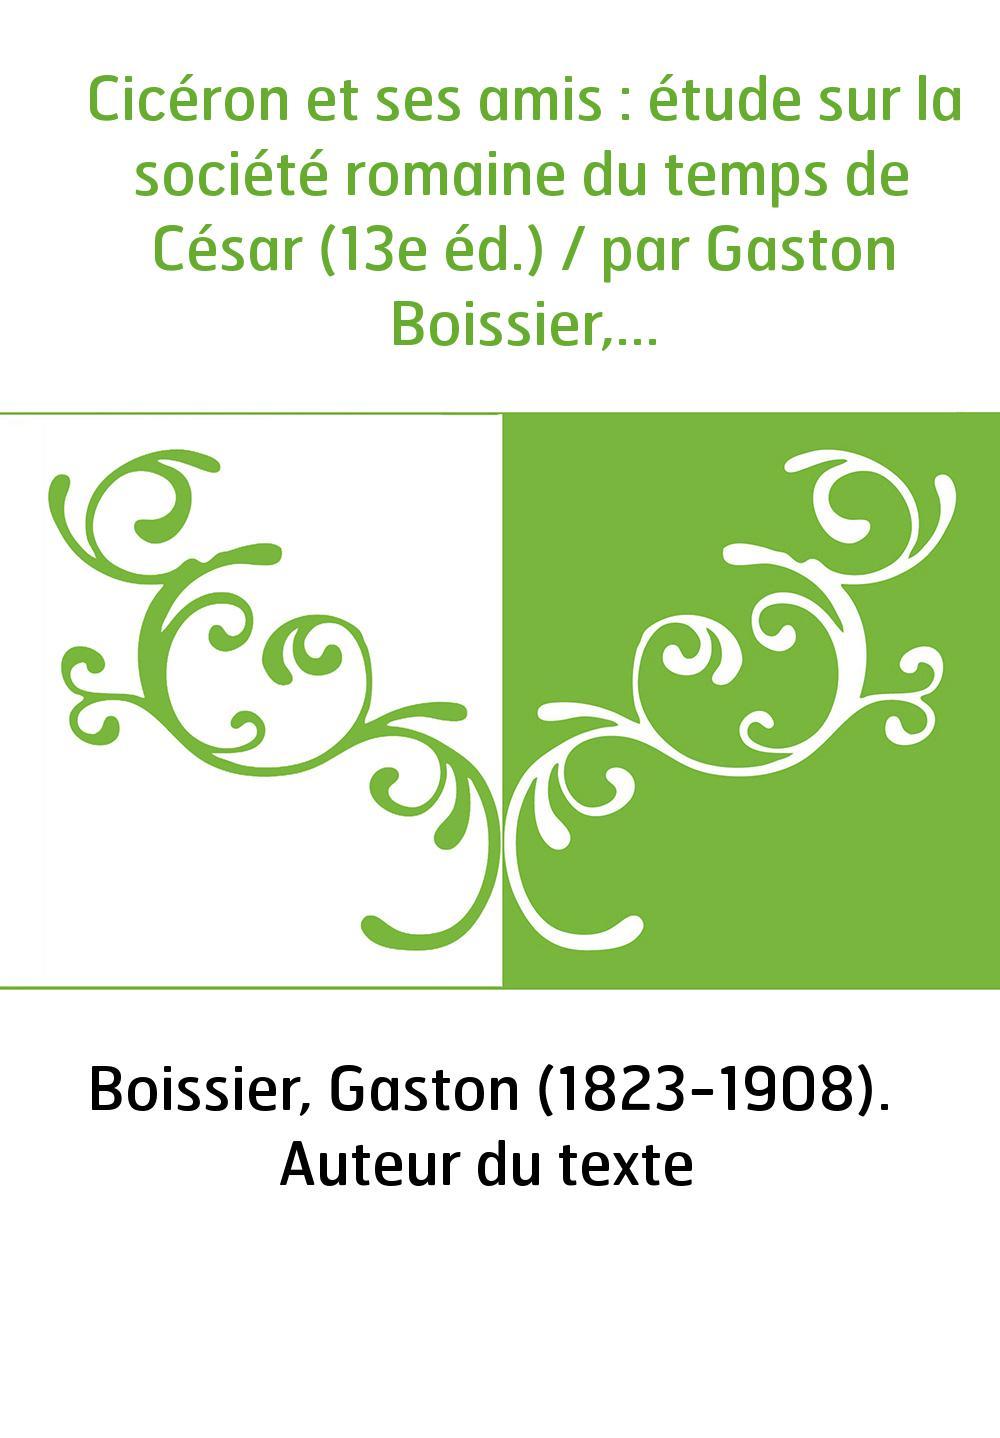 Cicéron et ses amis : étude sur la société romaine du temps de César (13e éd.) / par Gaston Boissier,...